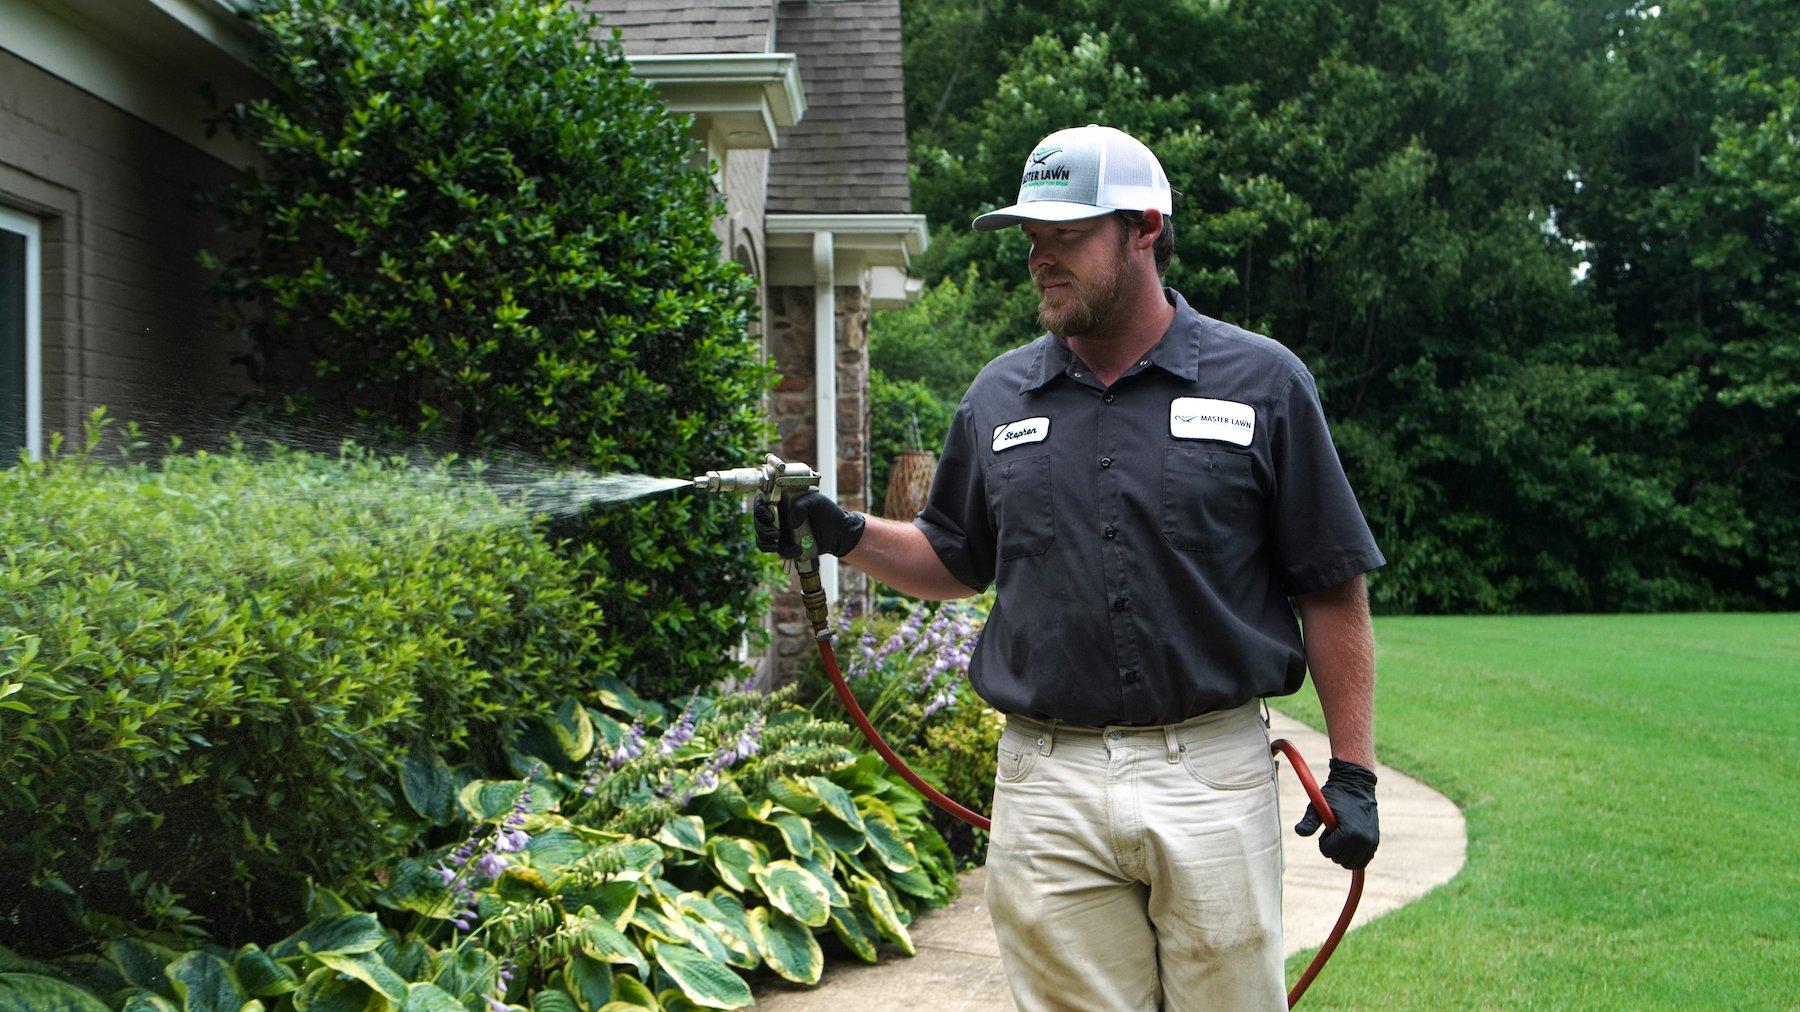 Spraying landscape beds for weeds